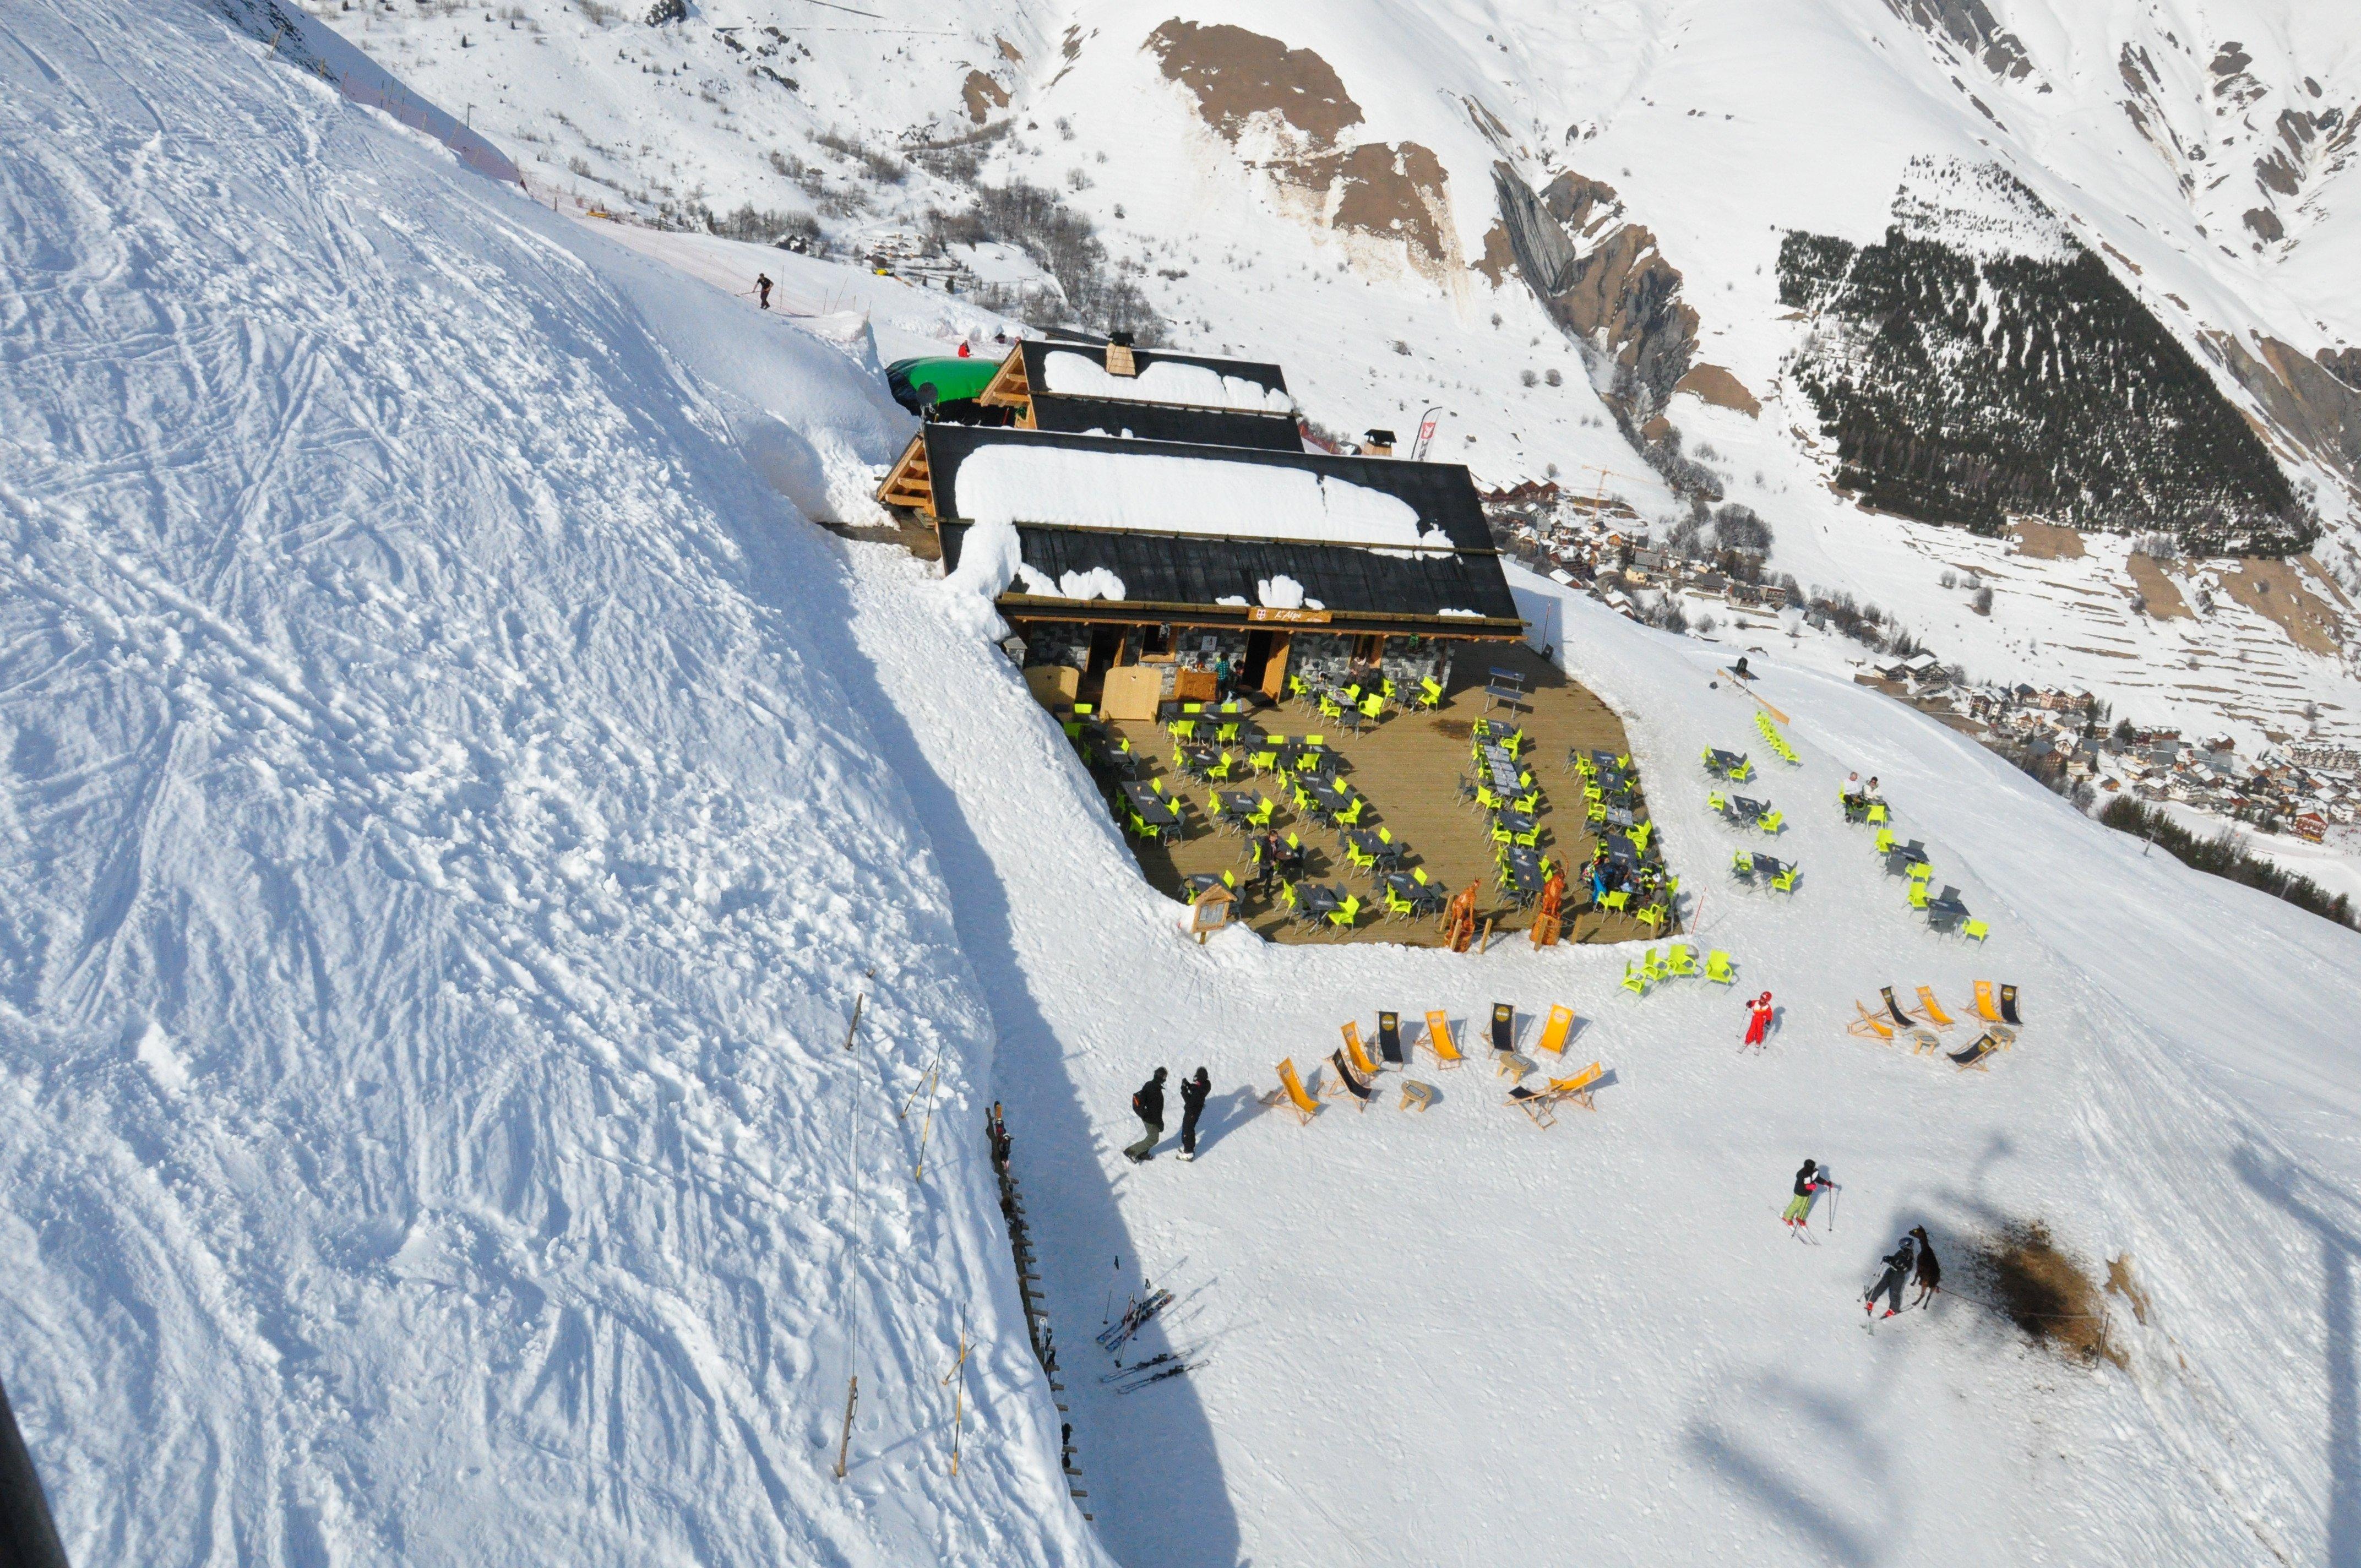 restaurant l'Alpe, Saint-Sorlin d'Arves (Les Sybelles)